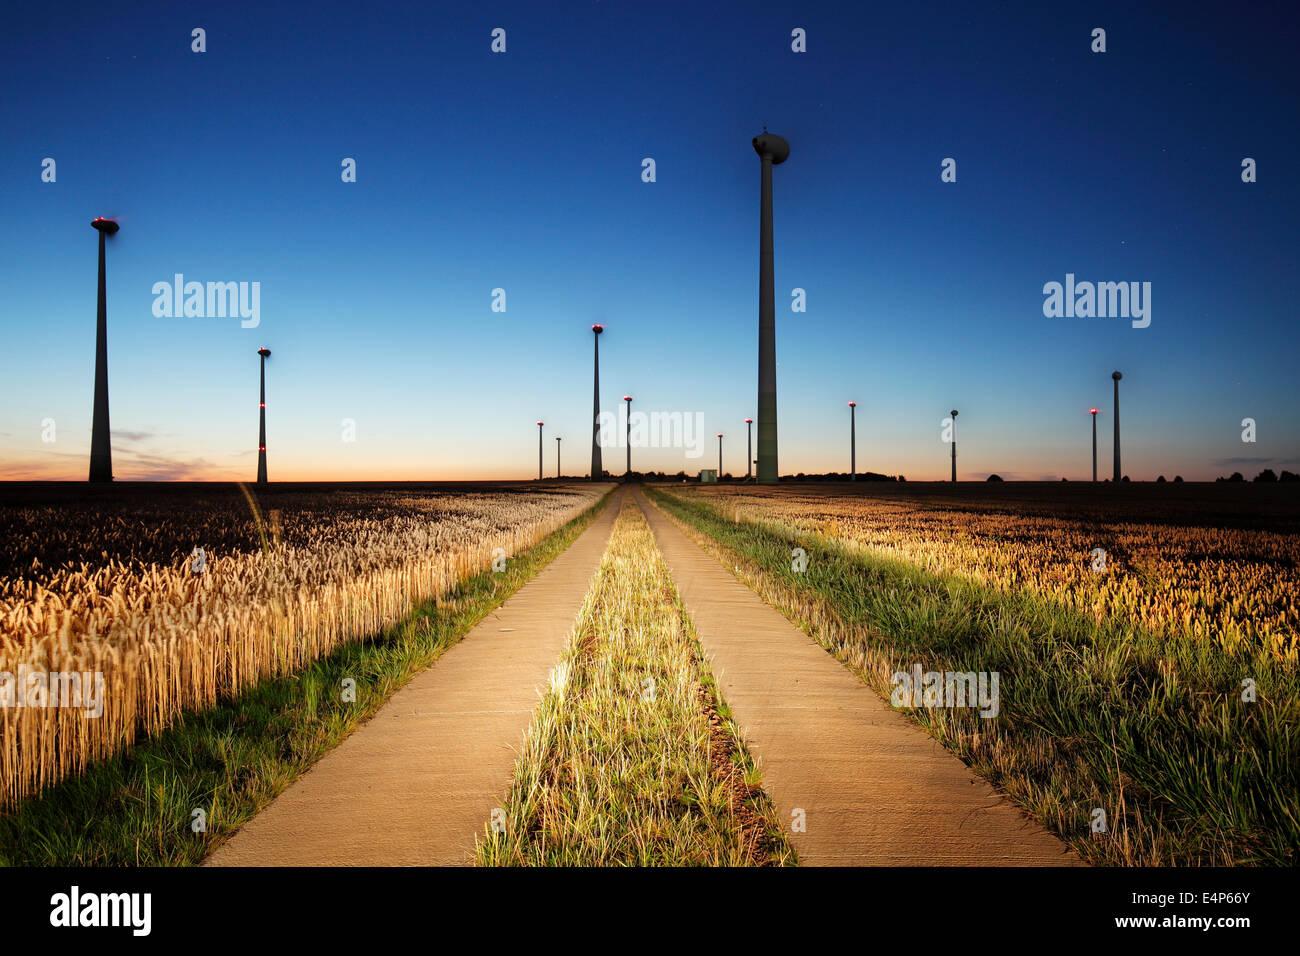 Les éoliennes sur les terres agricoles dans la nuit Photo Stock